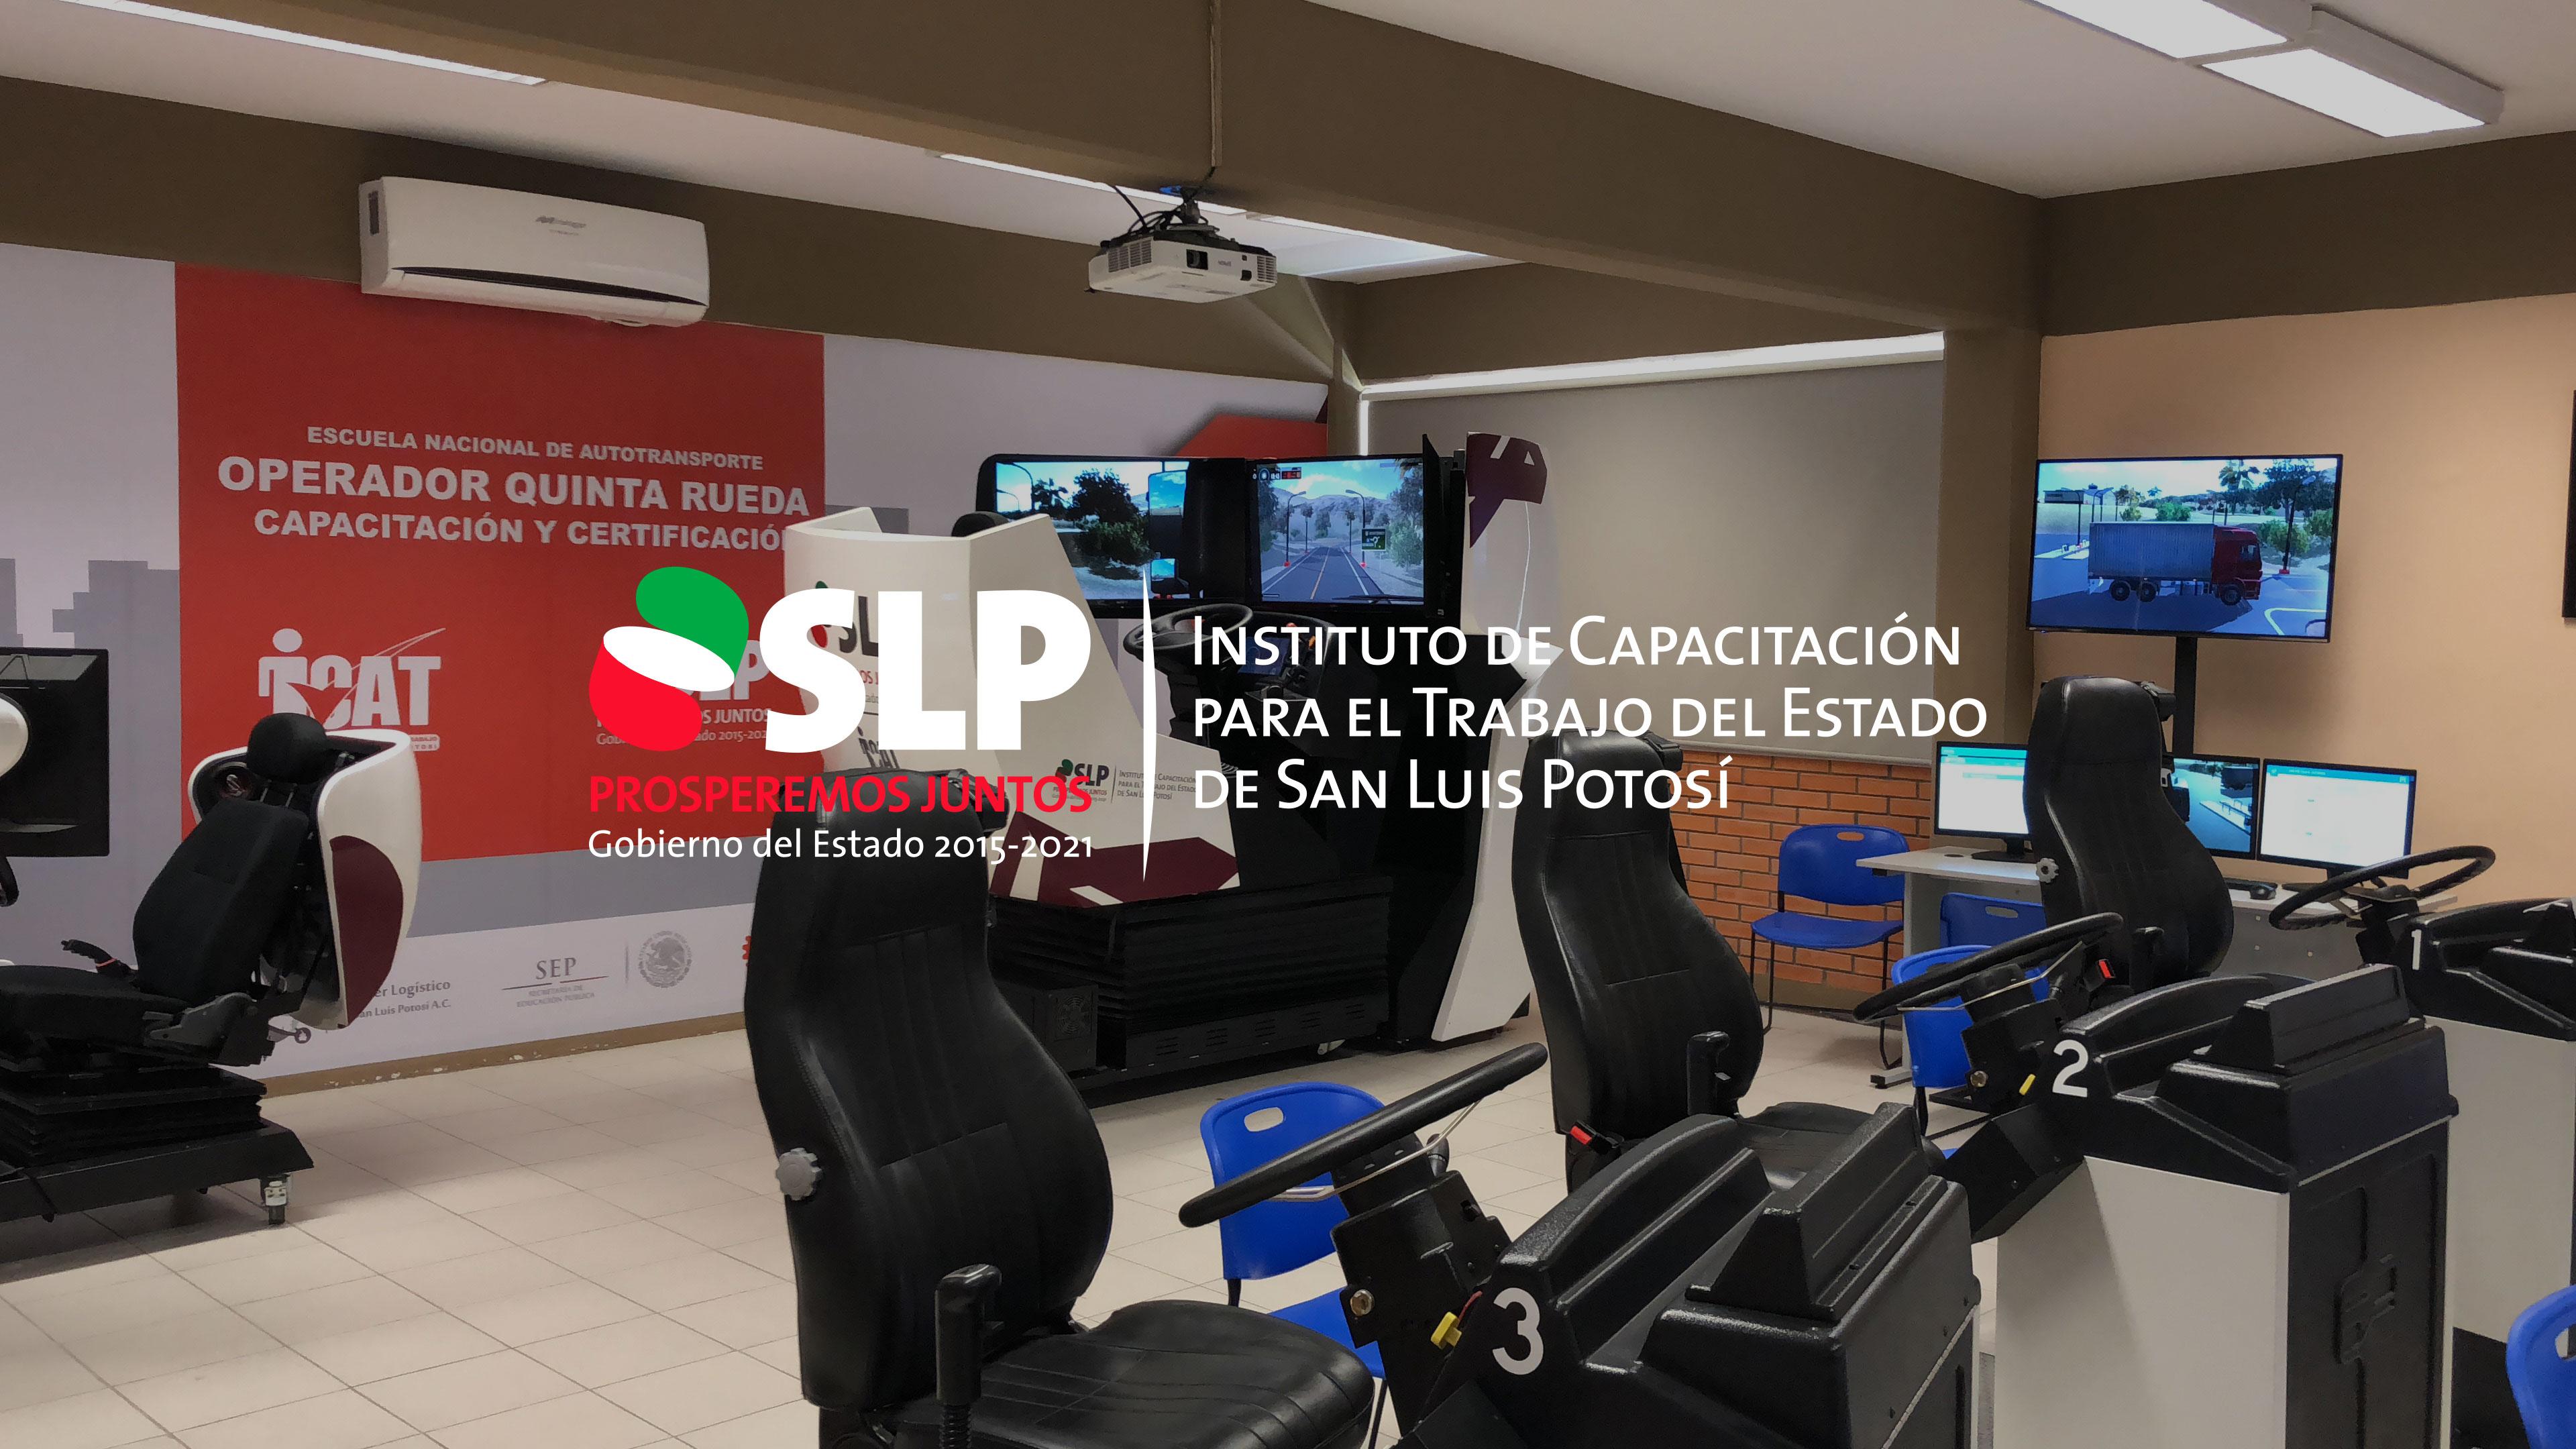 simuladores-en-escuela-nacional-de-autotransporte-1